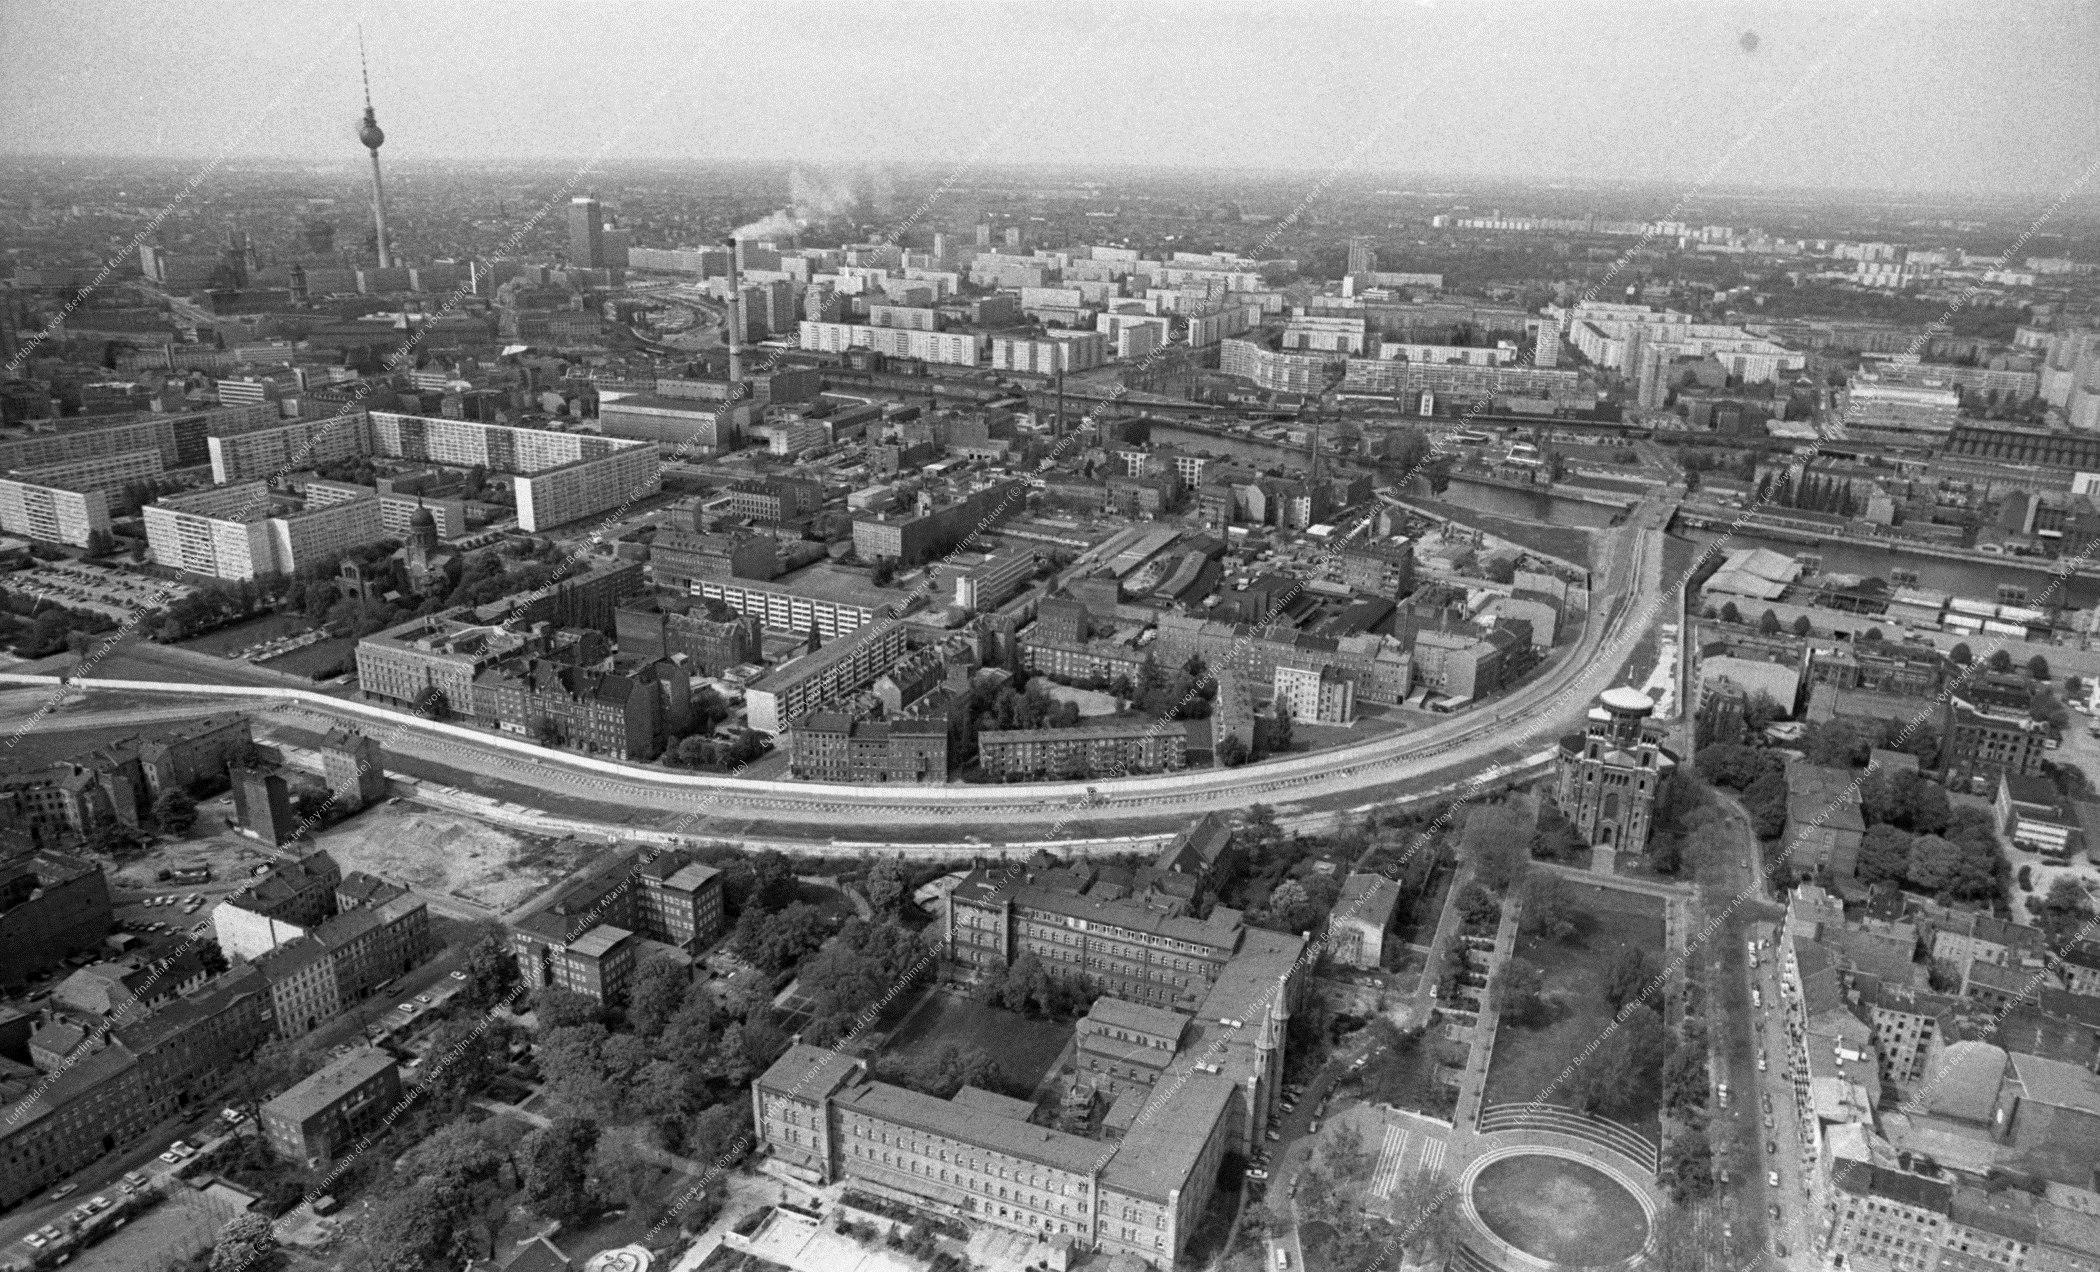 Berlin Luftbild Engeldamm mit St.-Thomas-Kirche vom 12. Mai 1982 (Bild 101)